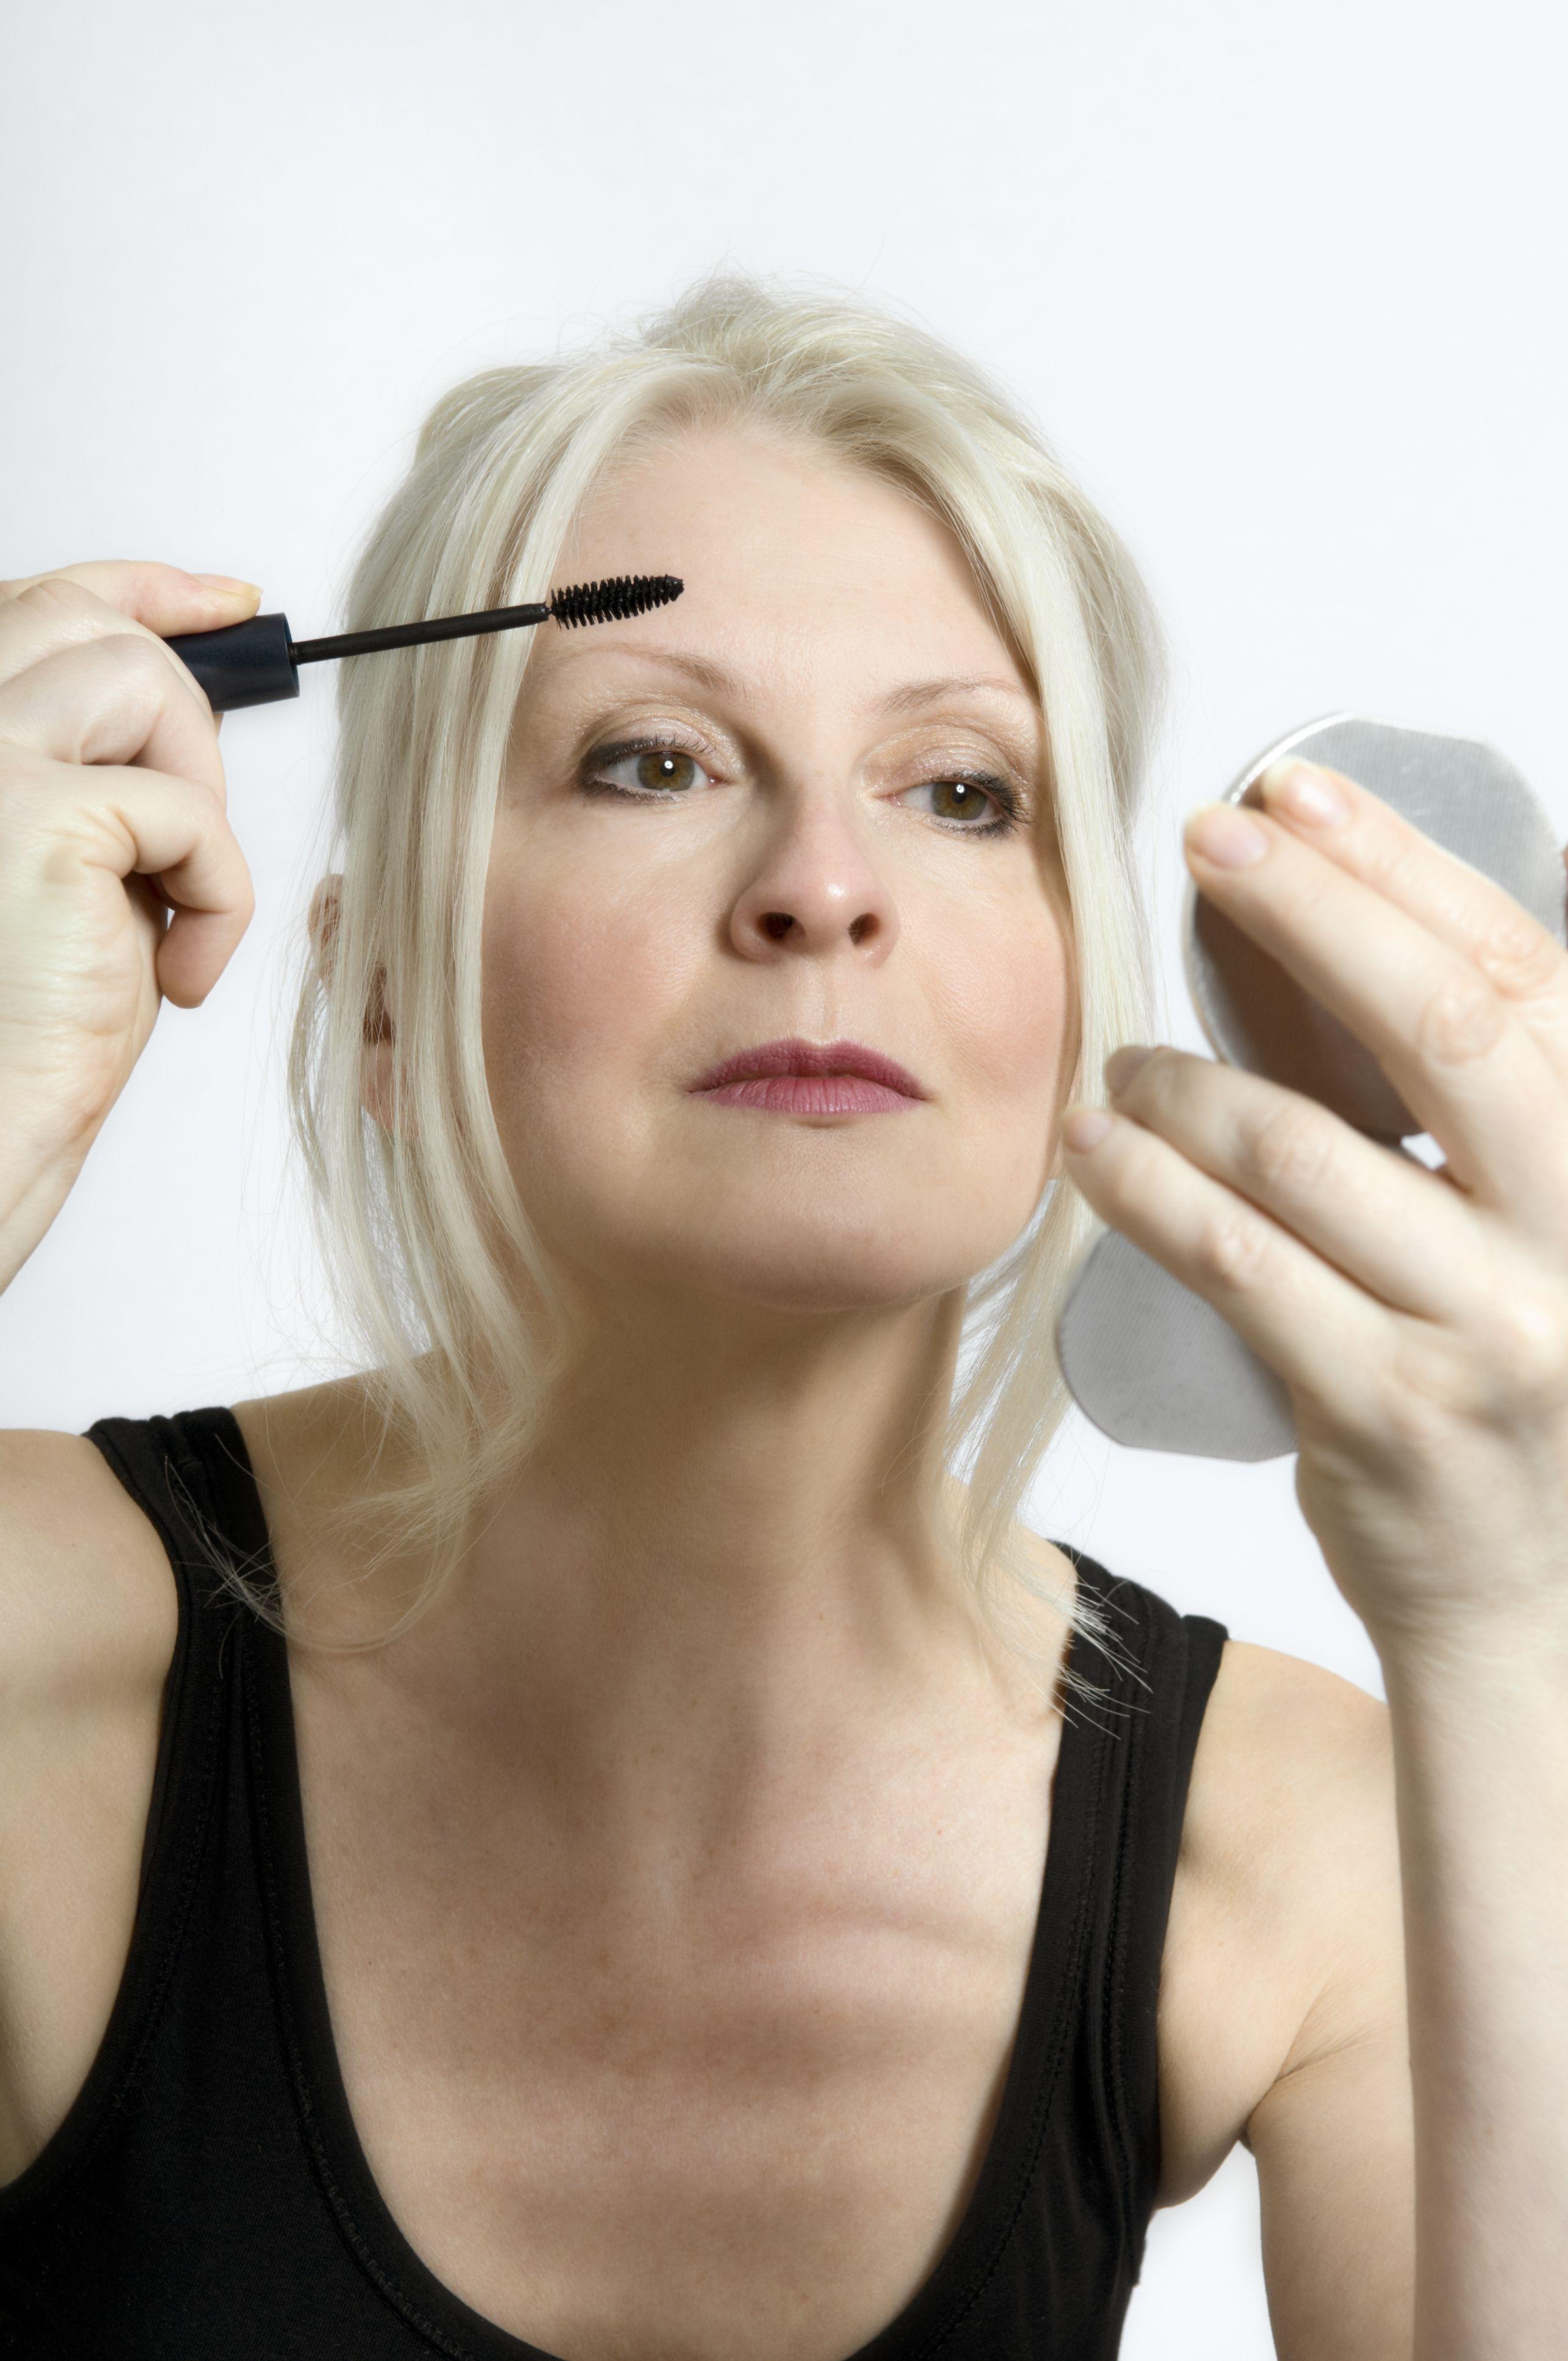 Best eye makeup for older eyes